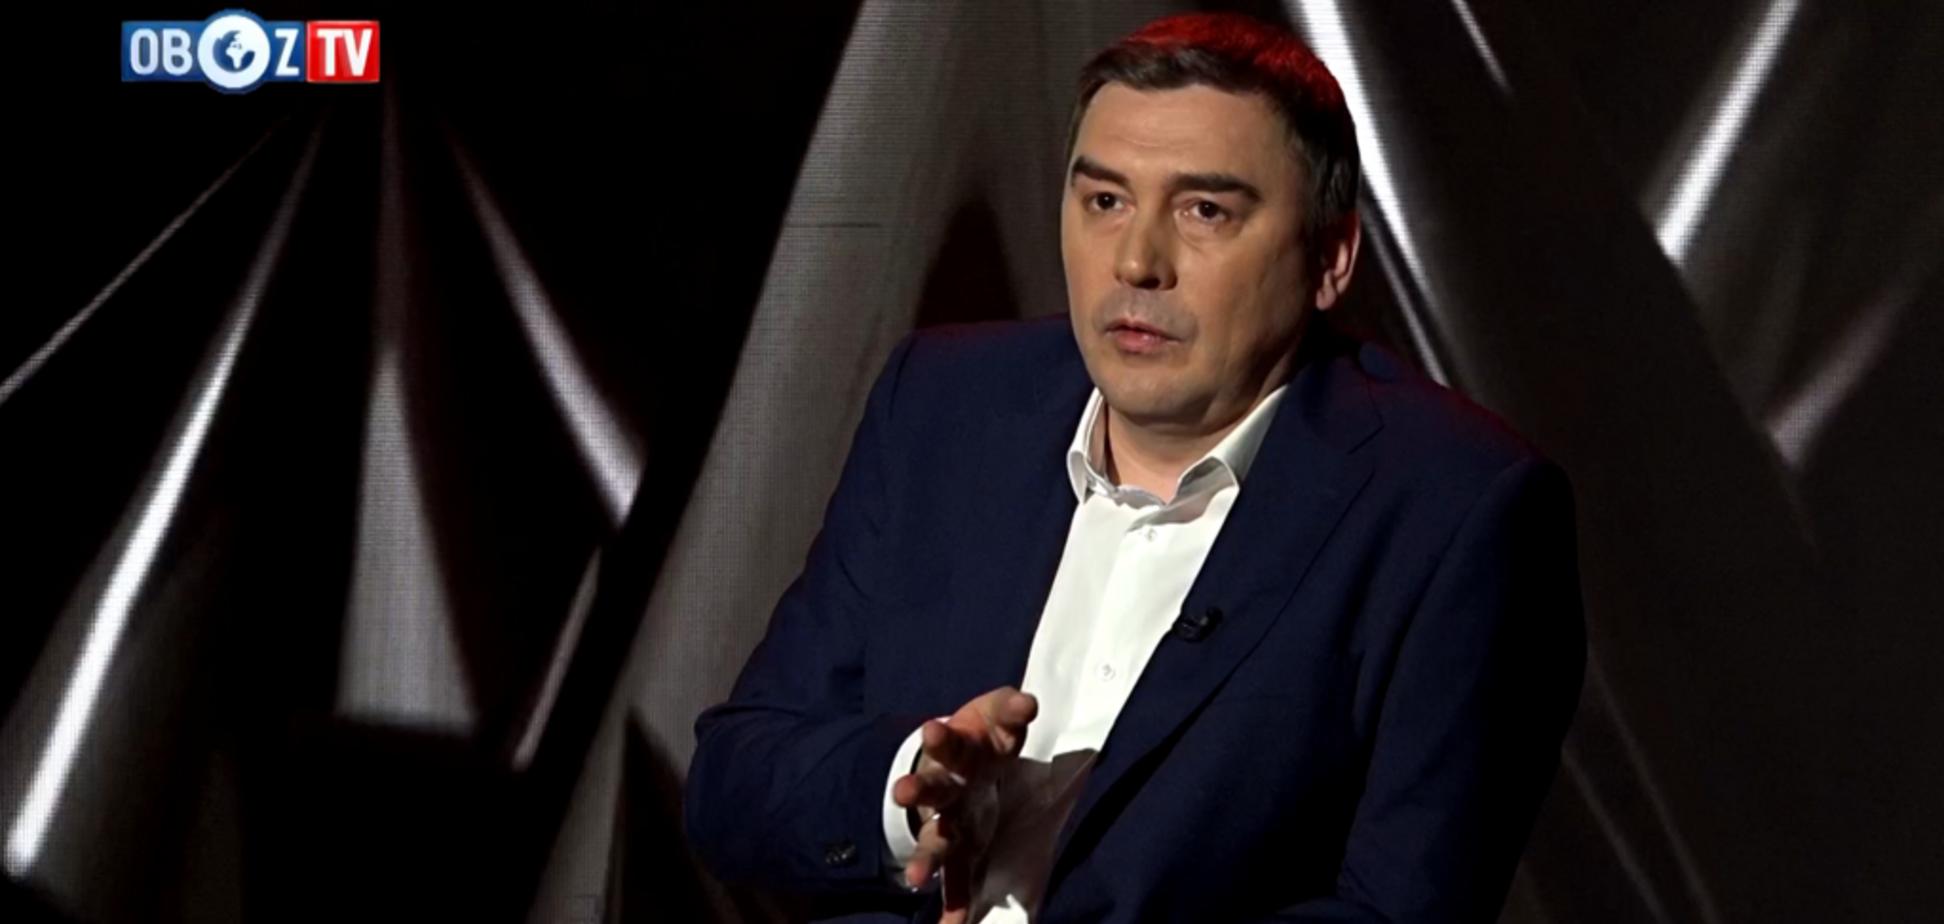 Программа ''Острый вопрос''. Двадцатый гость – Дмитрий Добродомов ч.2